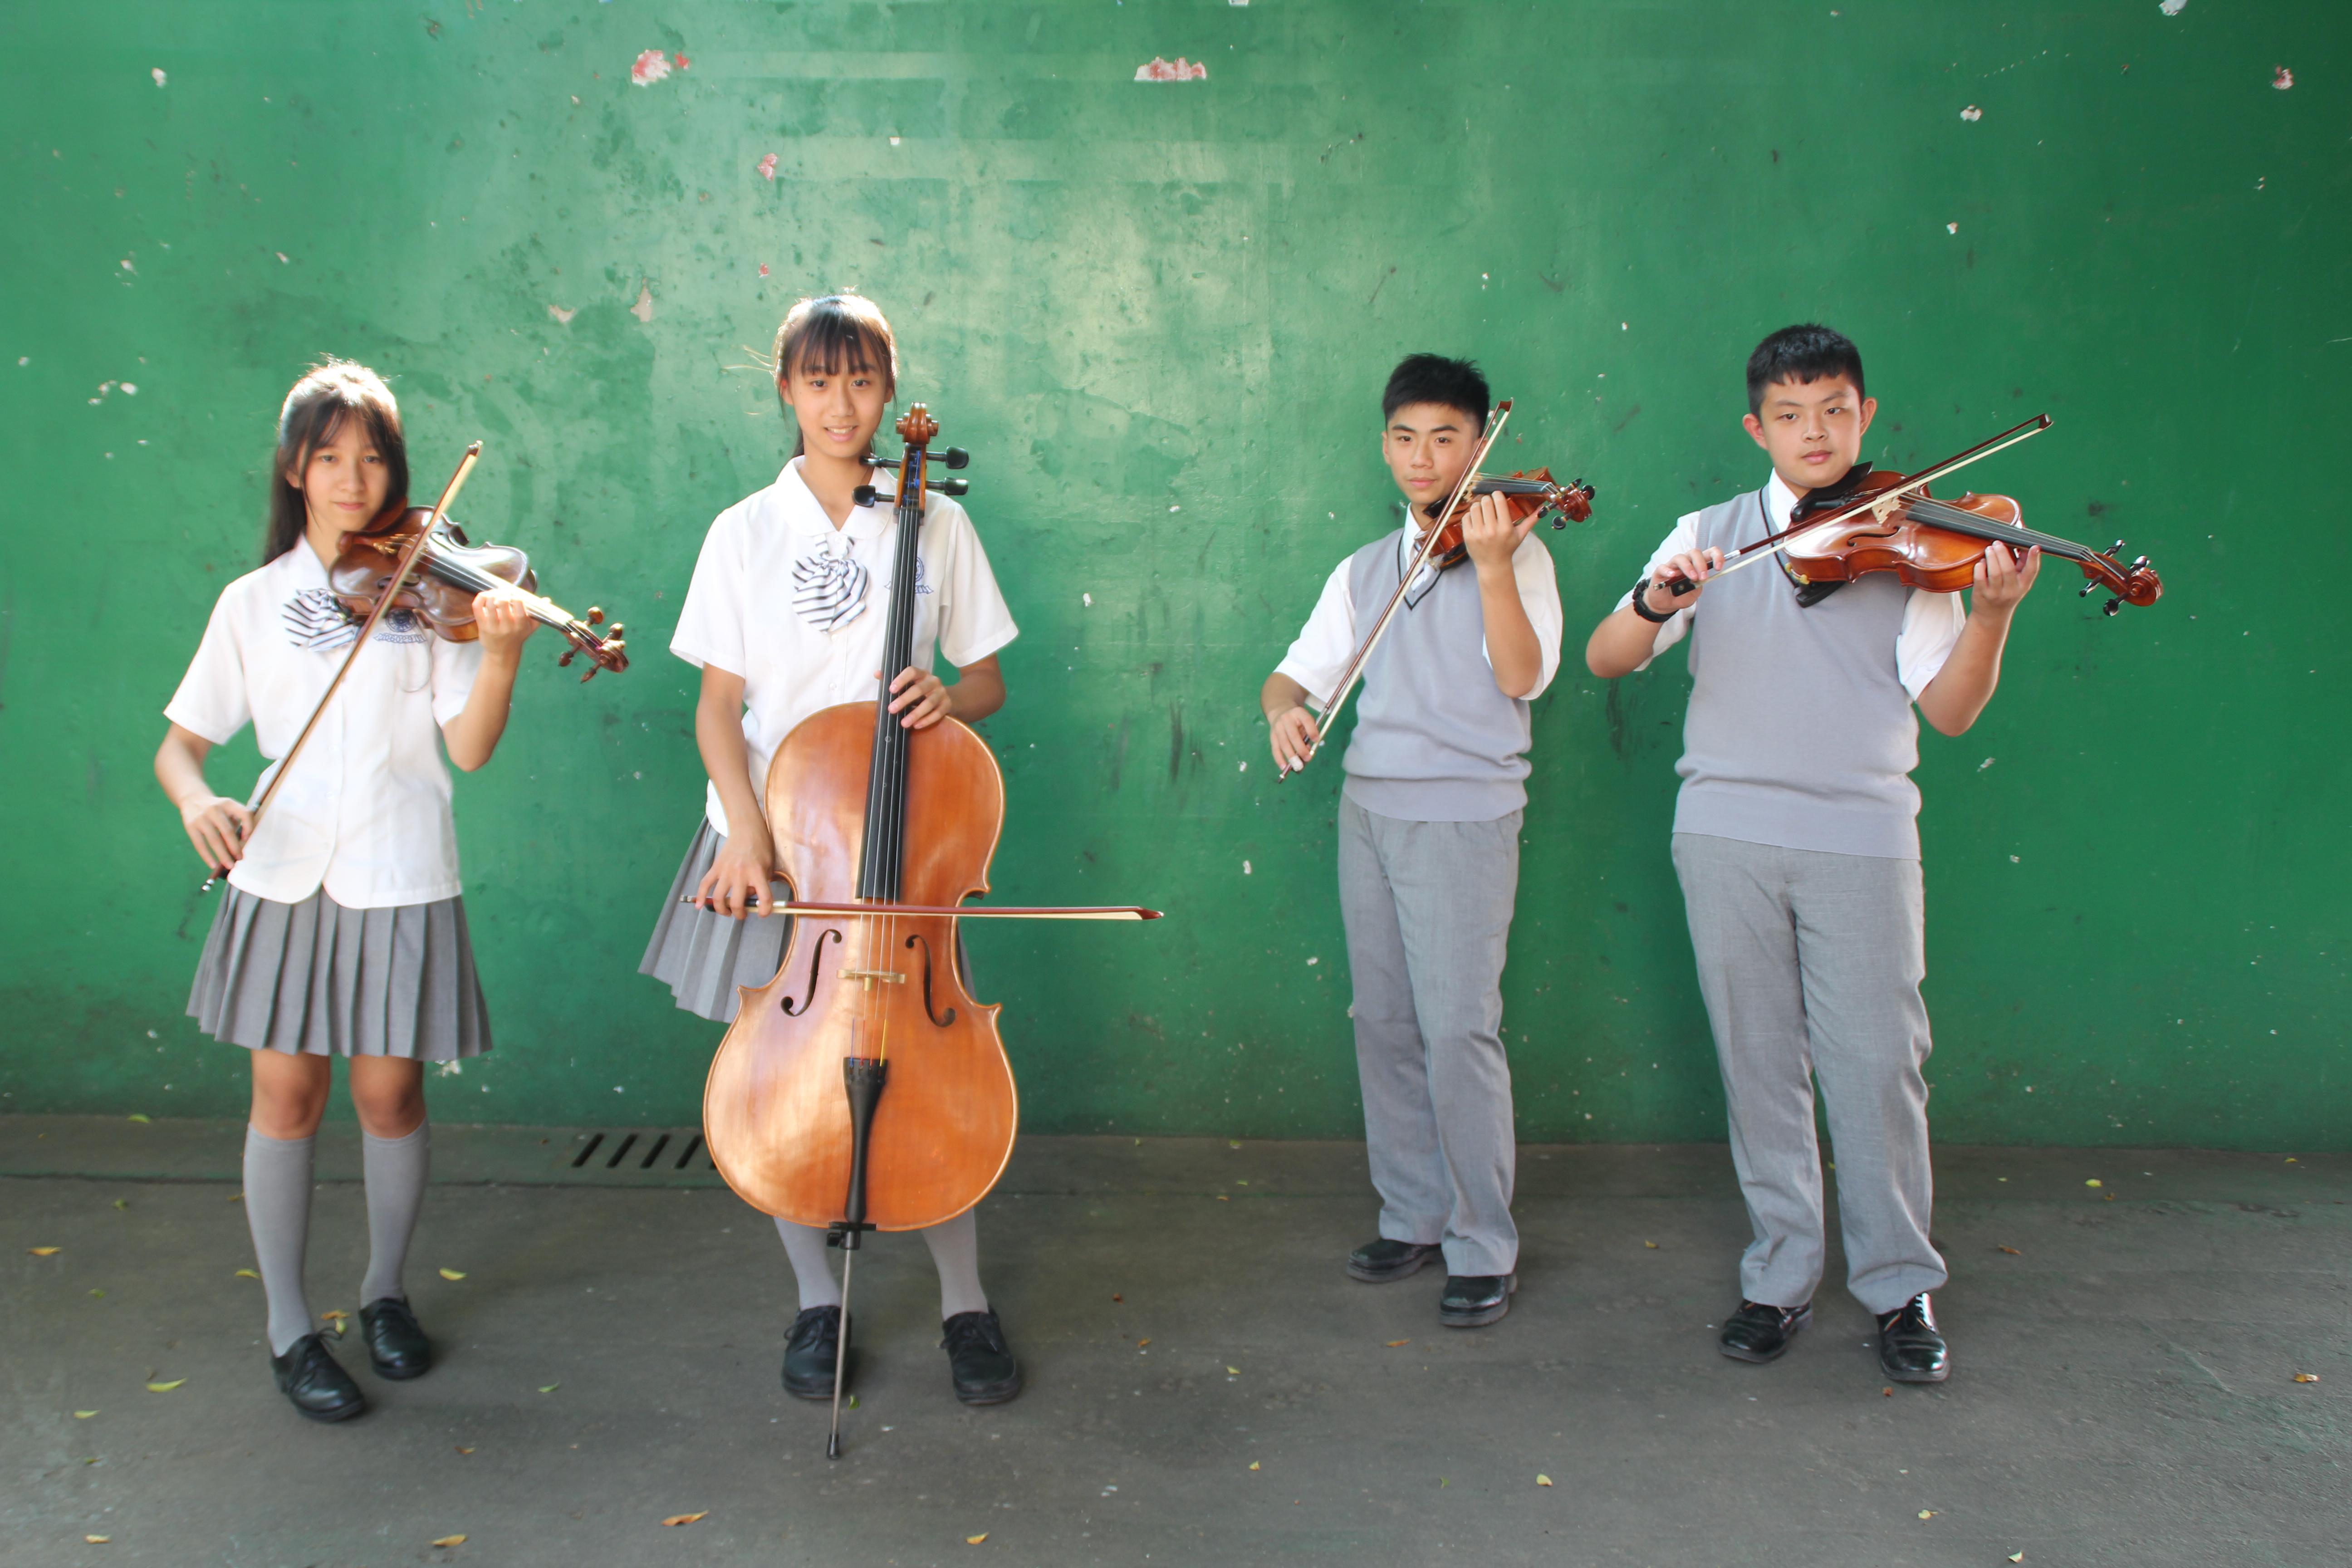 107學年度臺中市學生音樂比賽國中弦樂四重奏